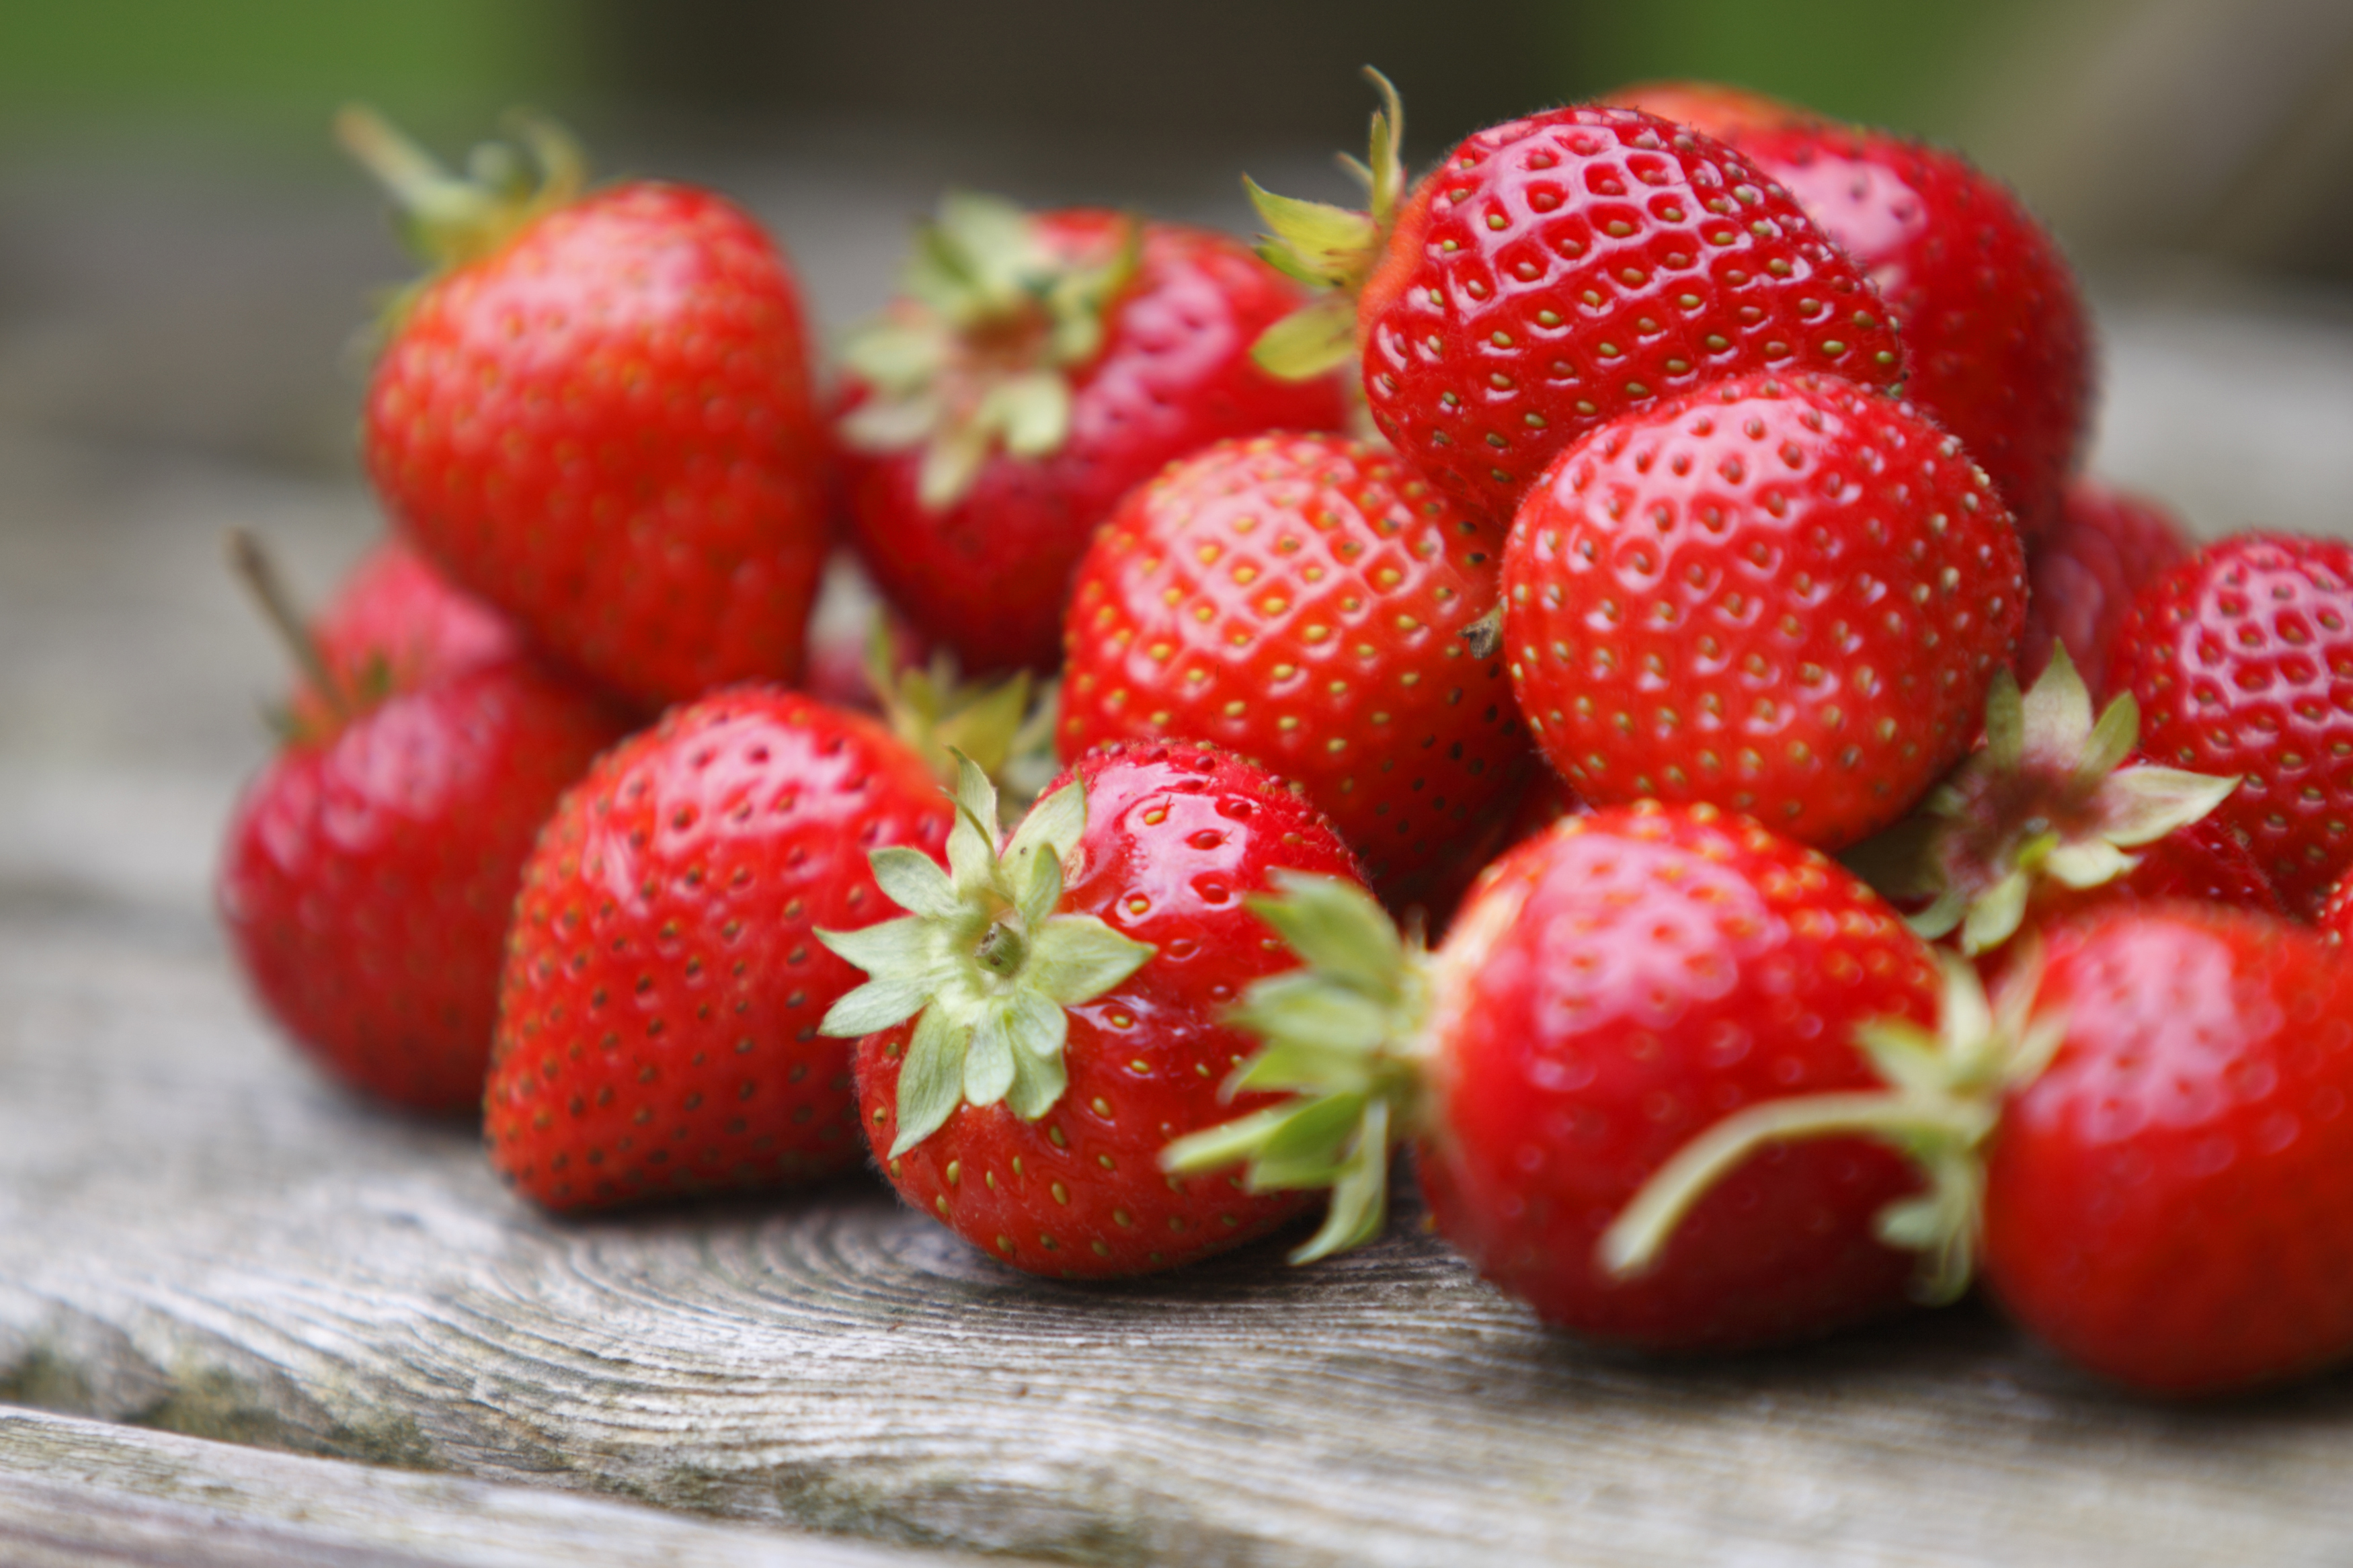 Ето и една идея за освежаващо смути с ягоди:<br />  1 чаша свежи ягоди<br />  1 чаша мляко<br />  1⁄4 чаша захар<br />  1 банан<br />  8 -10 ледчета<br /> <br /> Сложете всички необходими продукти в шейкър кана. Смила се добре – до хомогенизиране. После сипете от получената смес в чаши и гарнирайте с цяла ягода и стръкче мента.